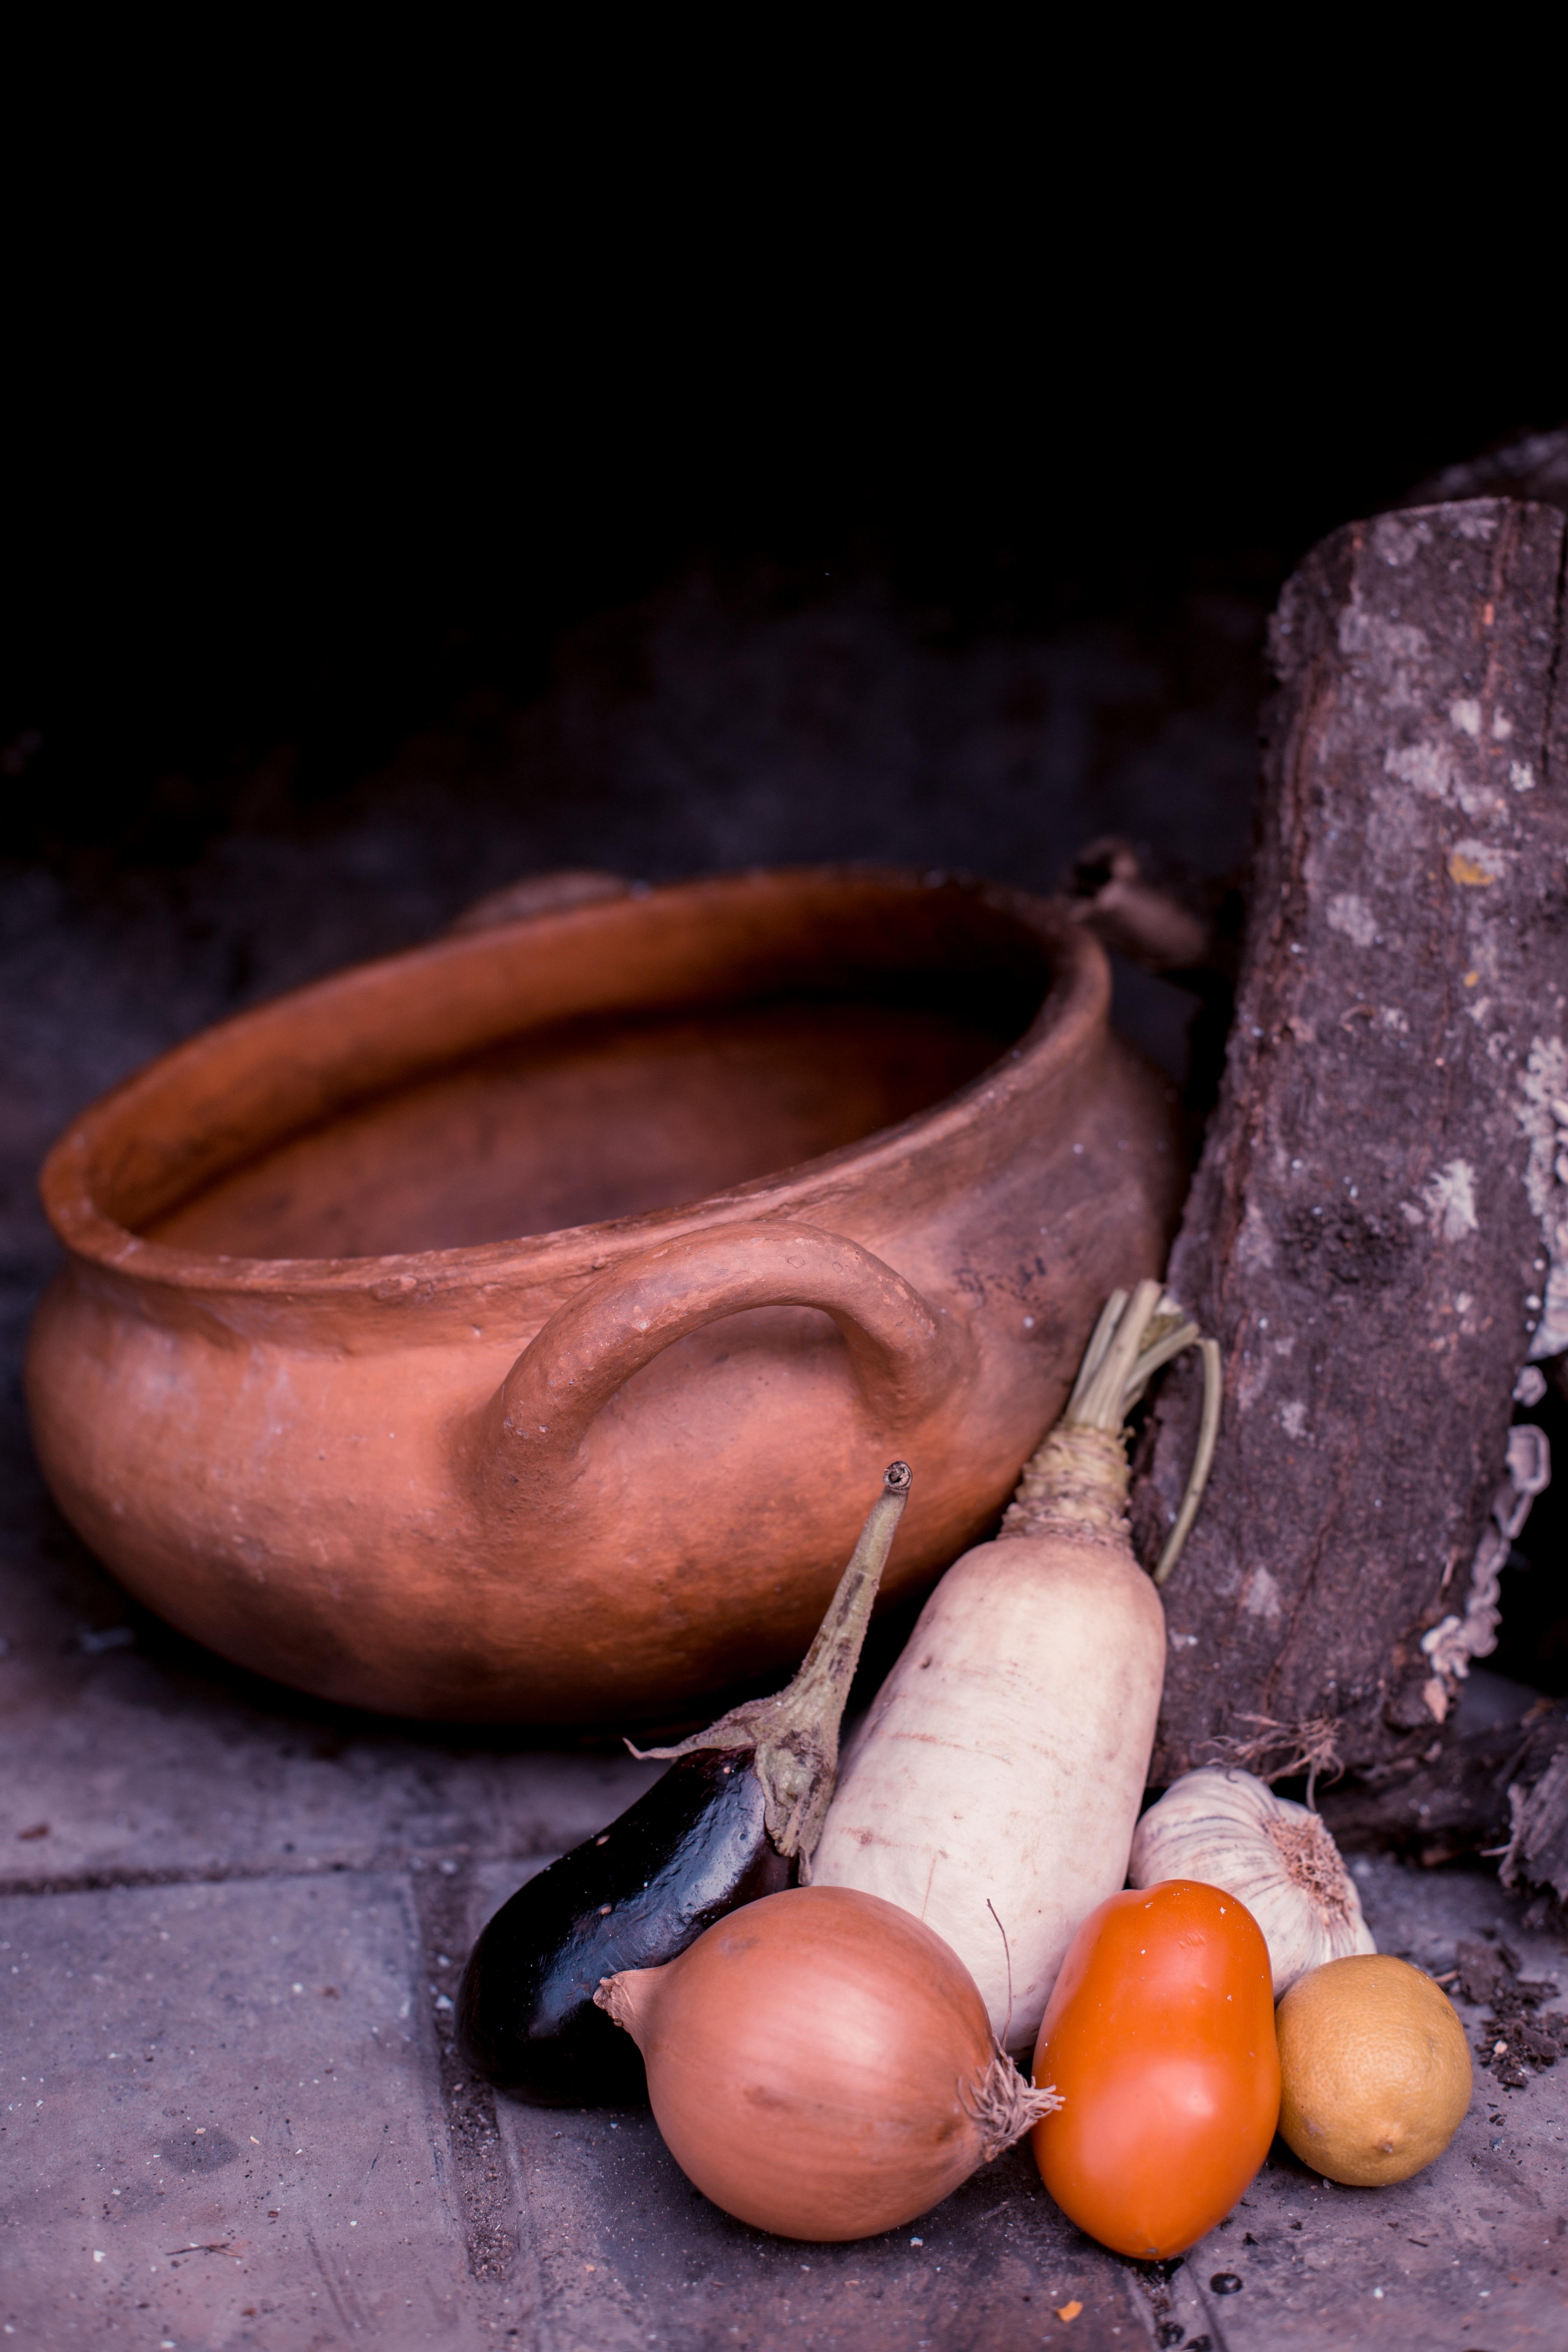 Kostenlose foto : Holz, Blume, Lebensmittel, produzieren, Keramik ...